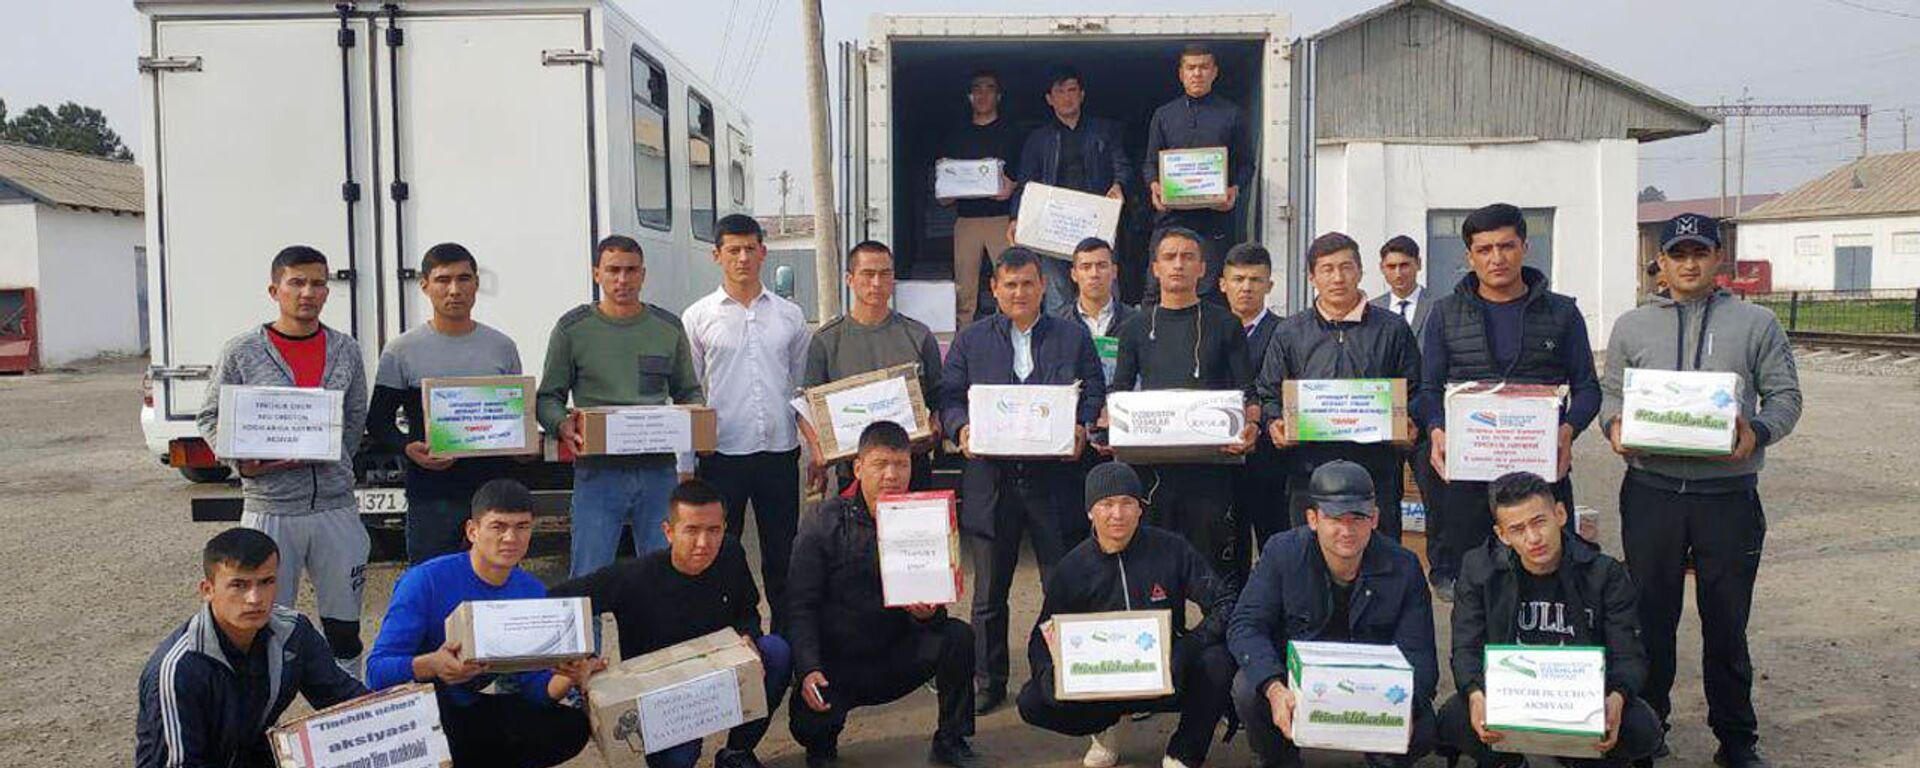 В Афганистан доставлен гуманитарный груз из Узбекистана - Sputnik Узбекистан, 1920, 21.11.2019